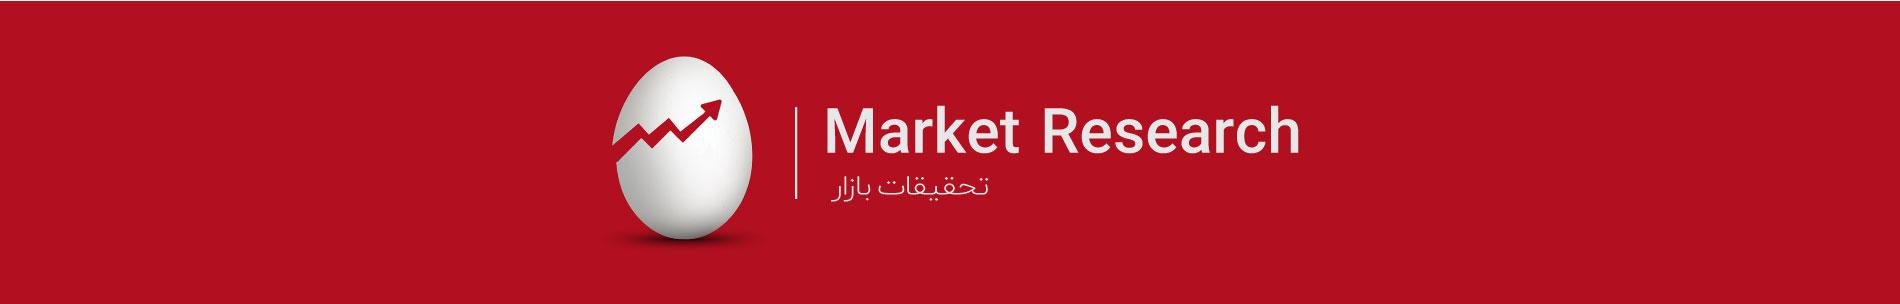 مطالعات اقتصادی و پژوهش بازار